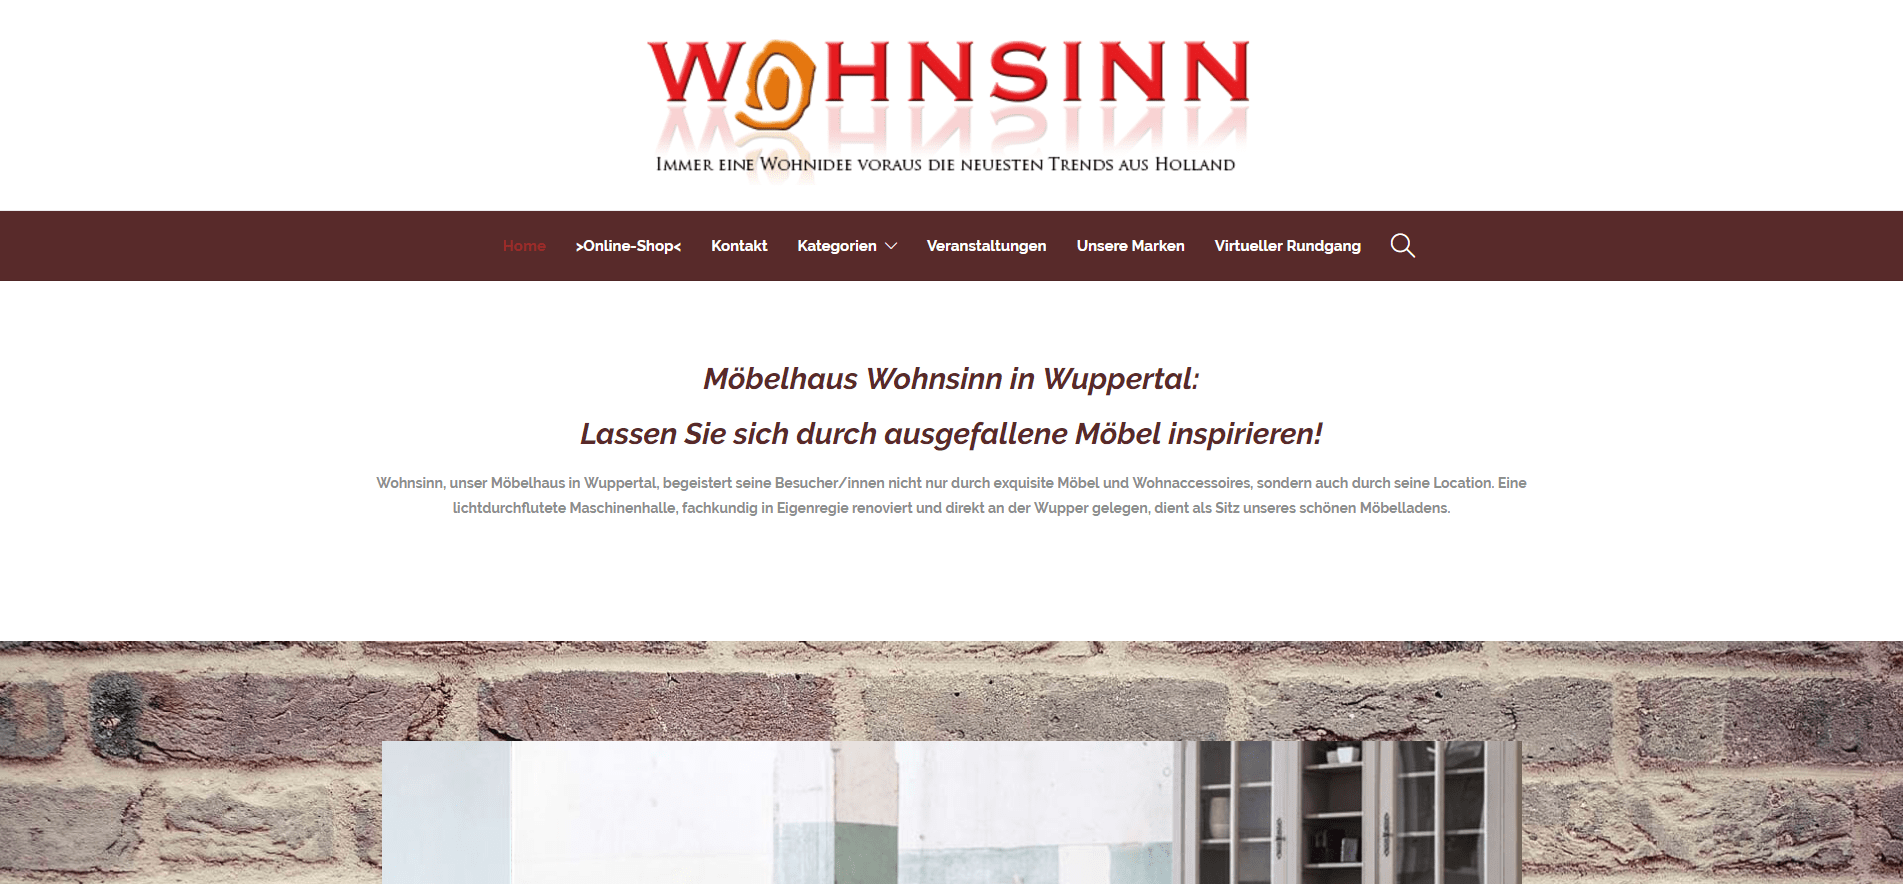 wohnsinn wuppertal webdesign grafikdesign homepage erstellung werbeagentur essen. Black Bedroom Furniture Sets. Home Design Ideas